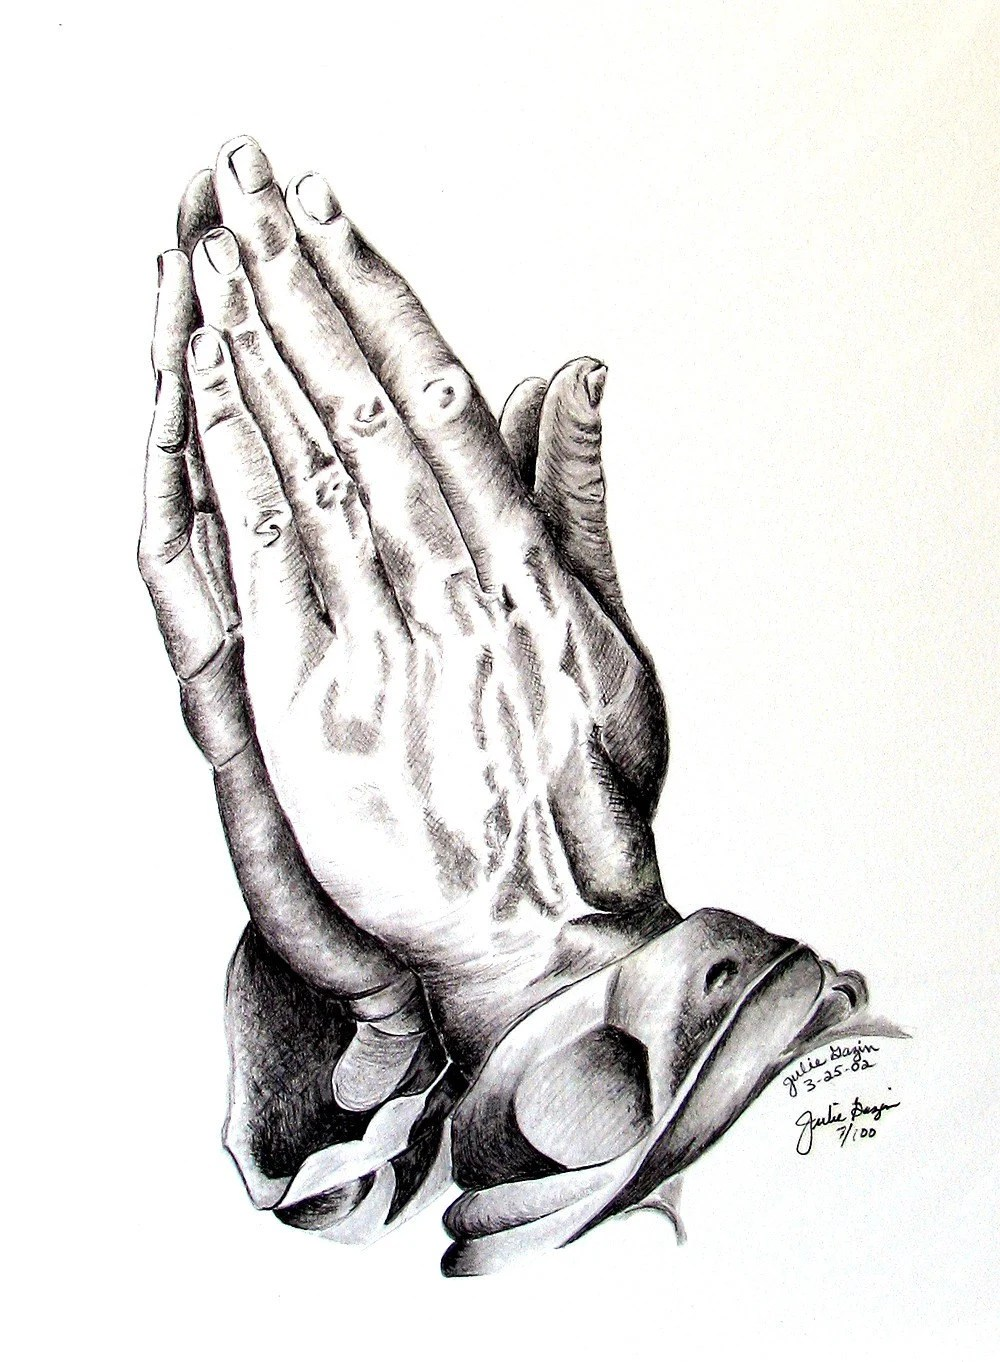 Praying Hands Giclee Print Cancer Survivor